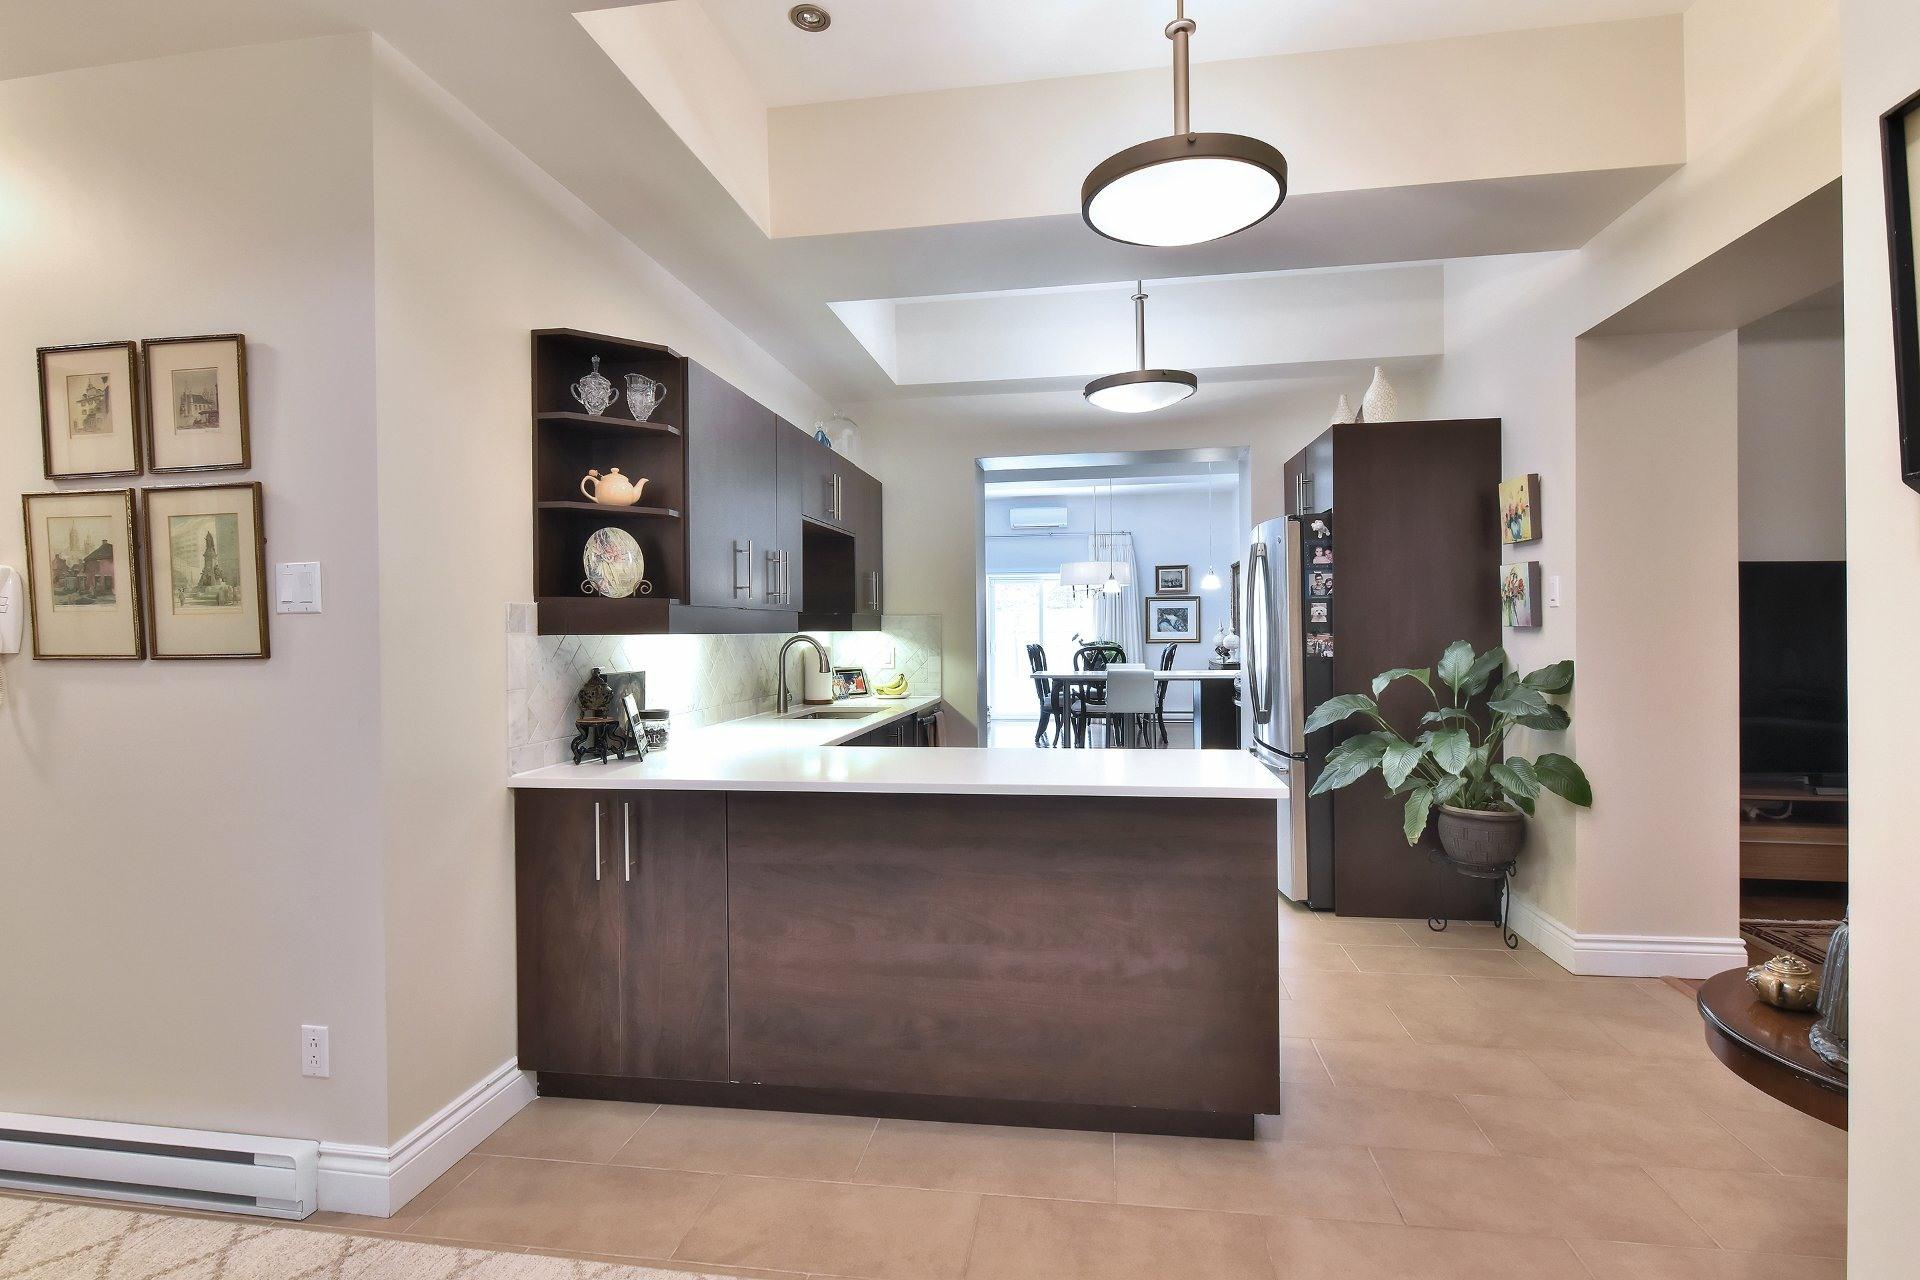 image 13 - Apartment For sale Montréal Côte-des-Neiges/Notre-Dame-de-Grâce  - 5 rooms